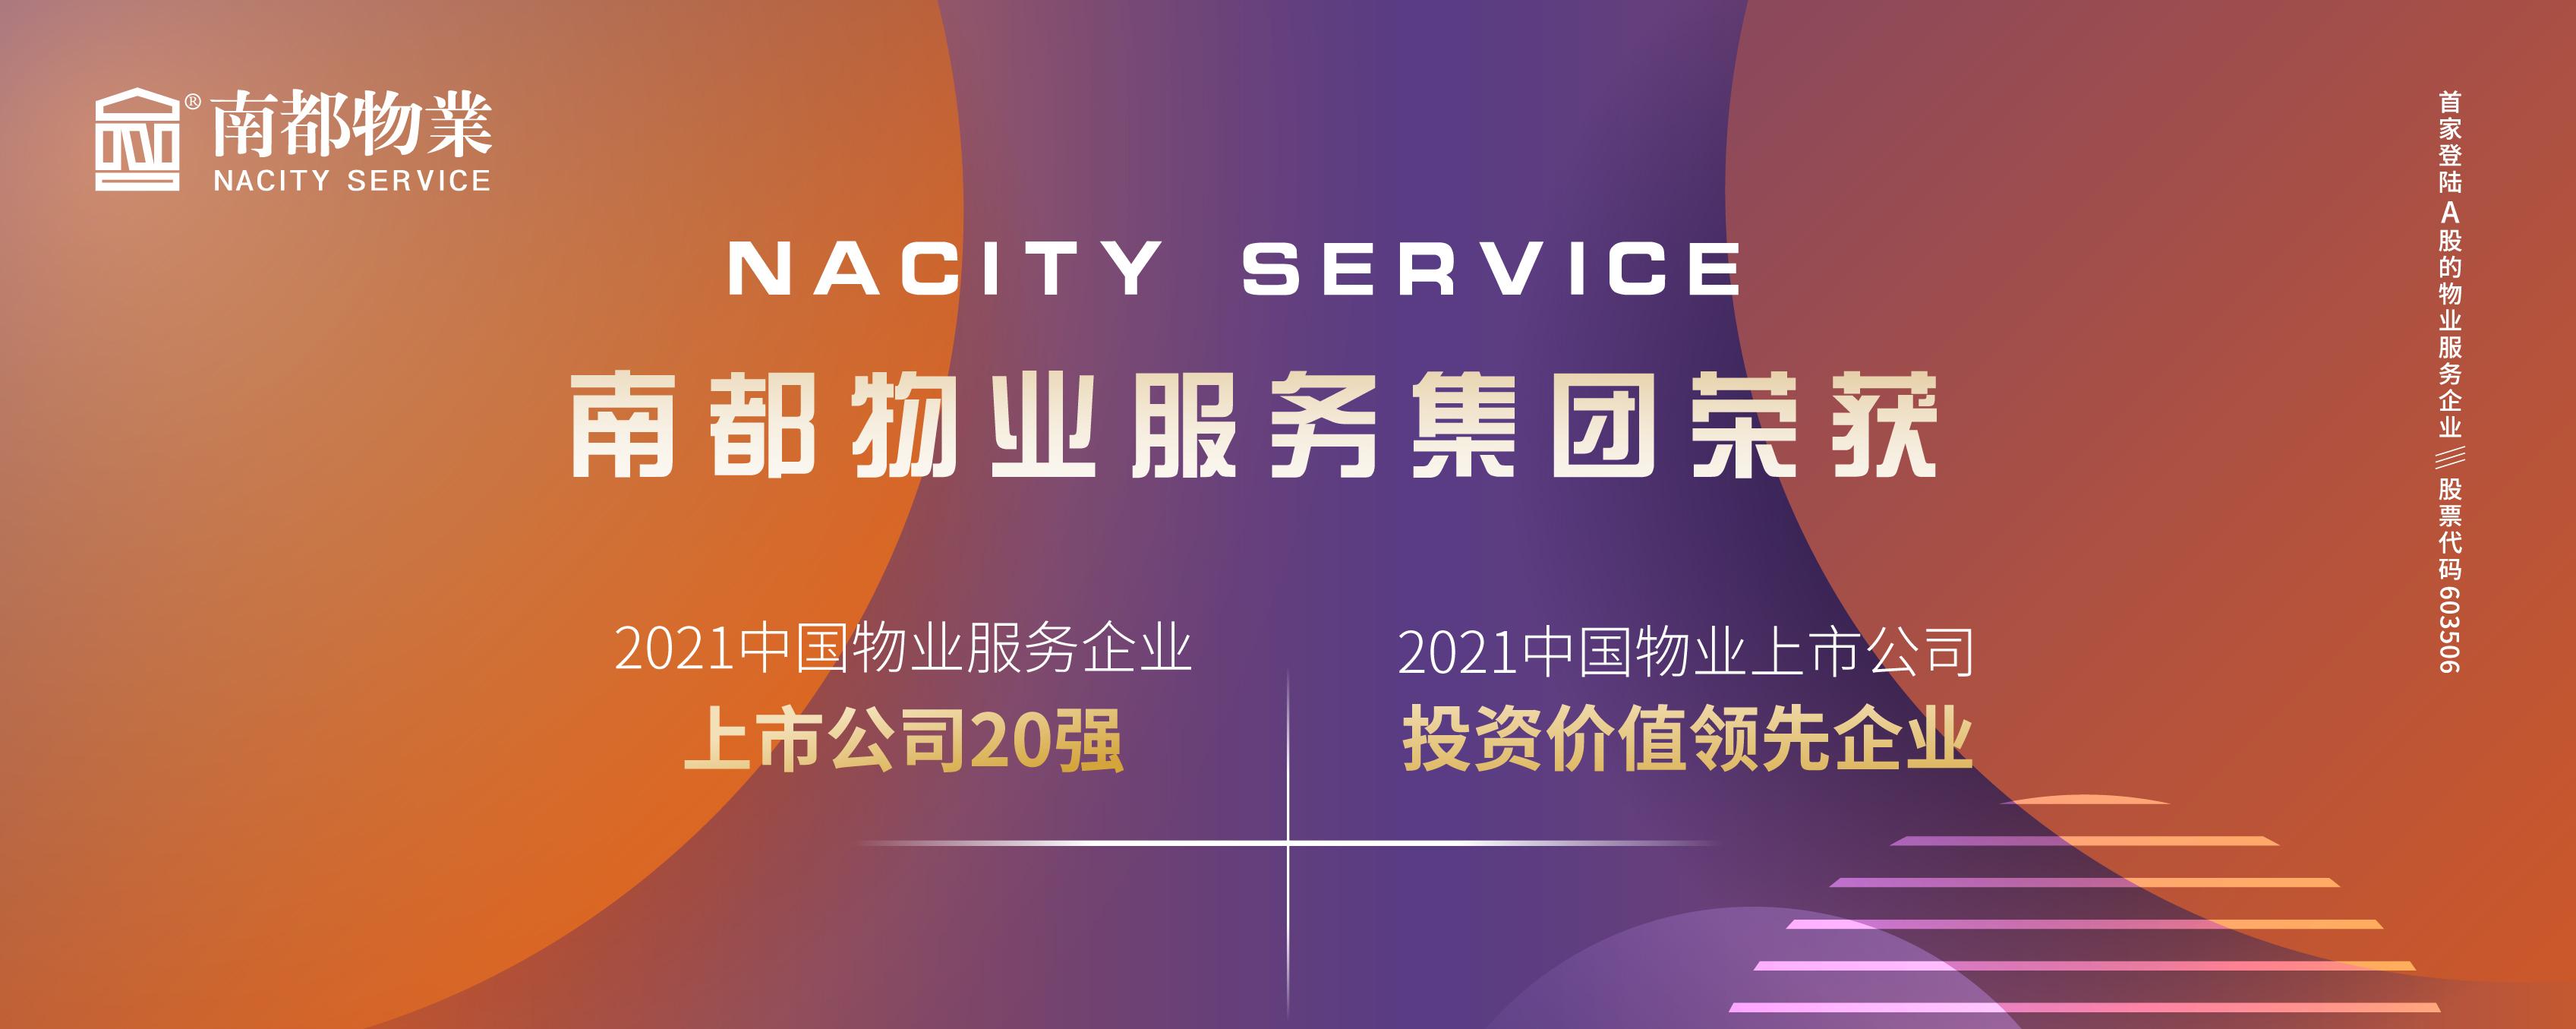 南都物业荣膺2021中国物业上市公司20强、投资价值领先企业